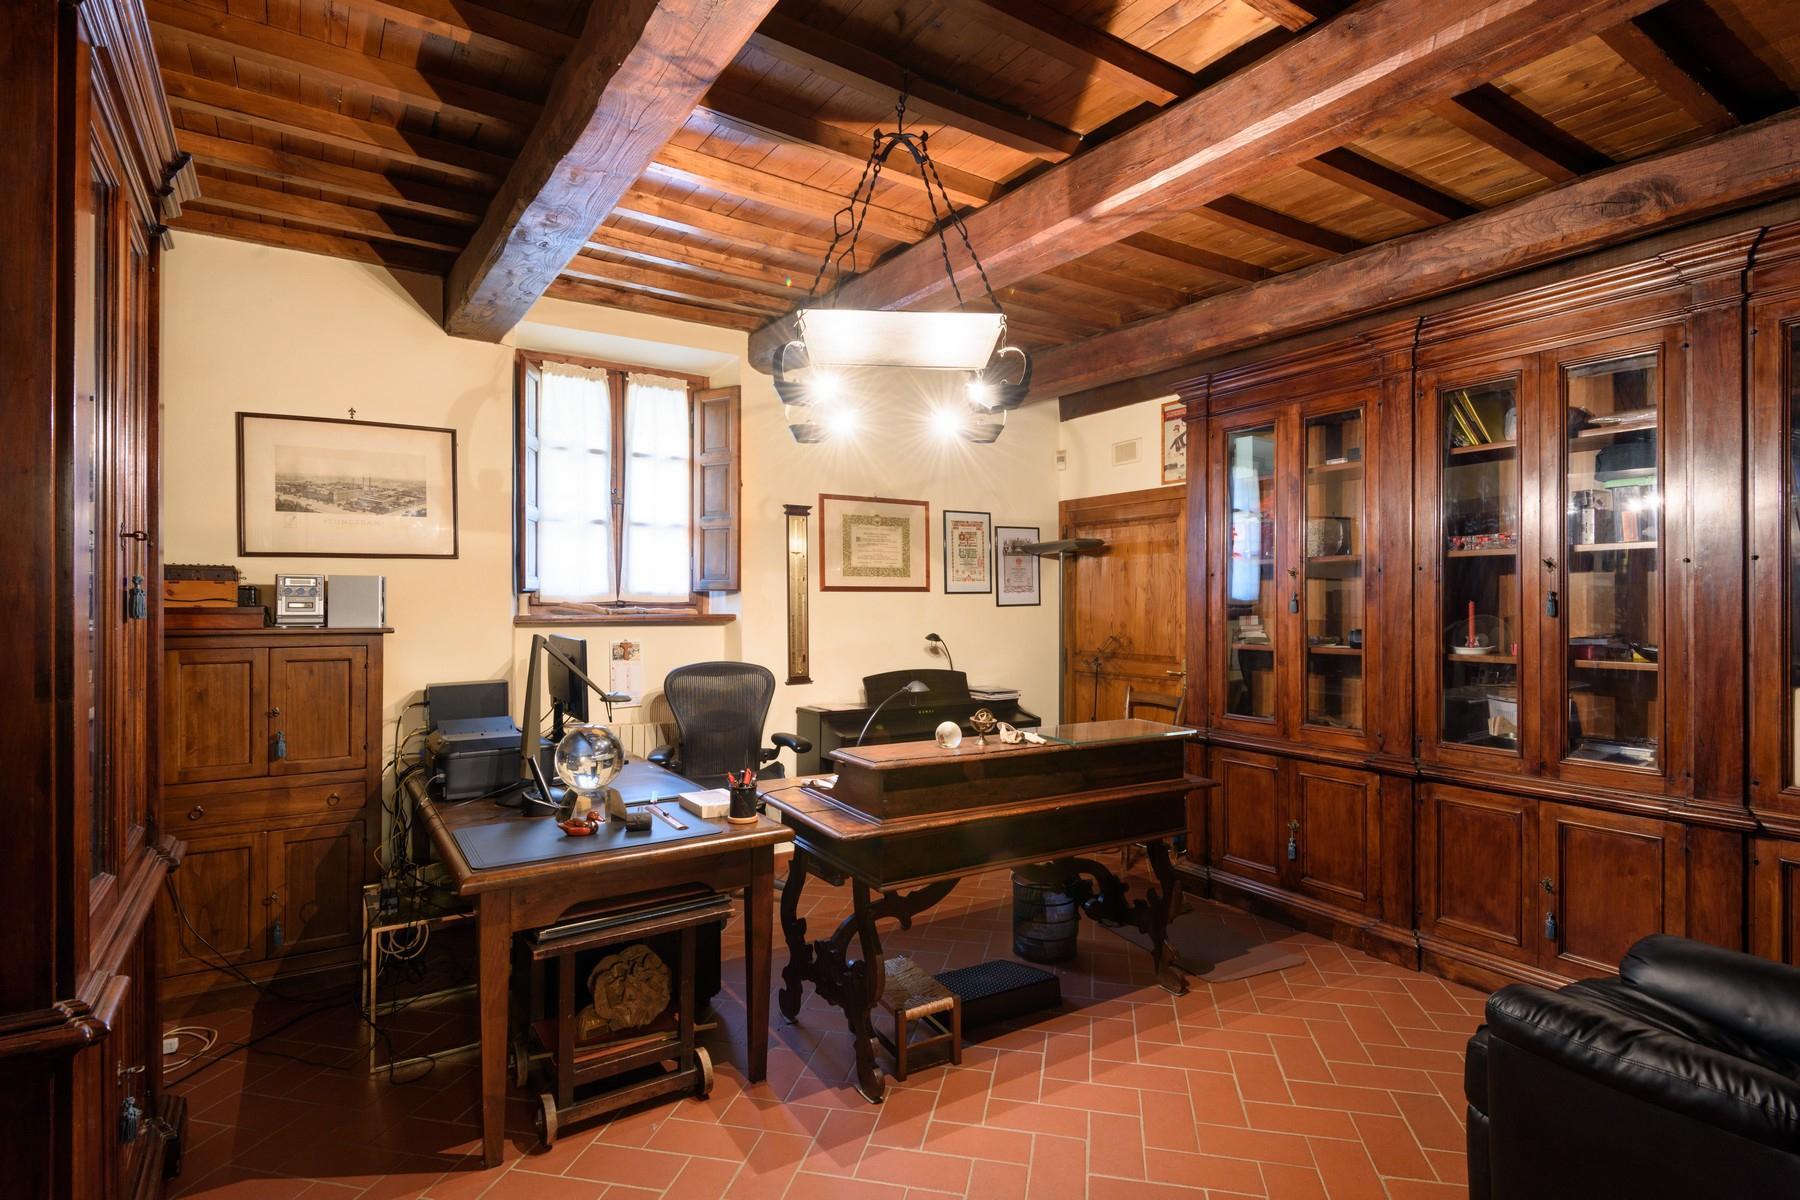 Palais historique du Xe siècle au coeur de la Val di Chiana - 15